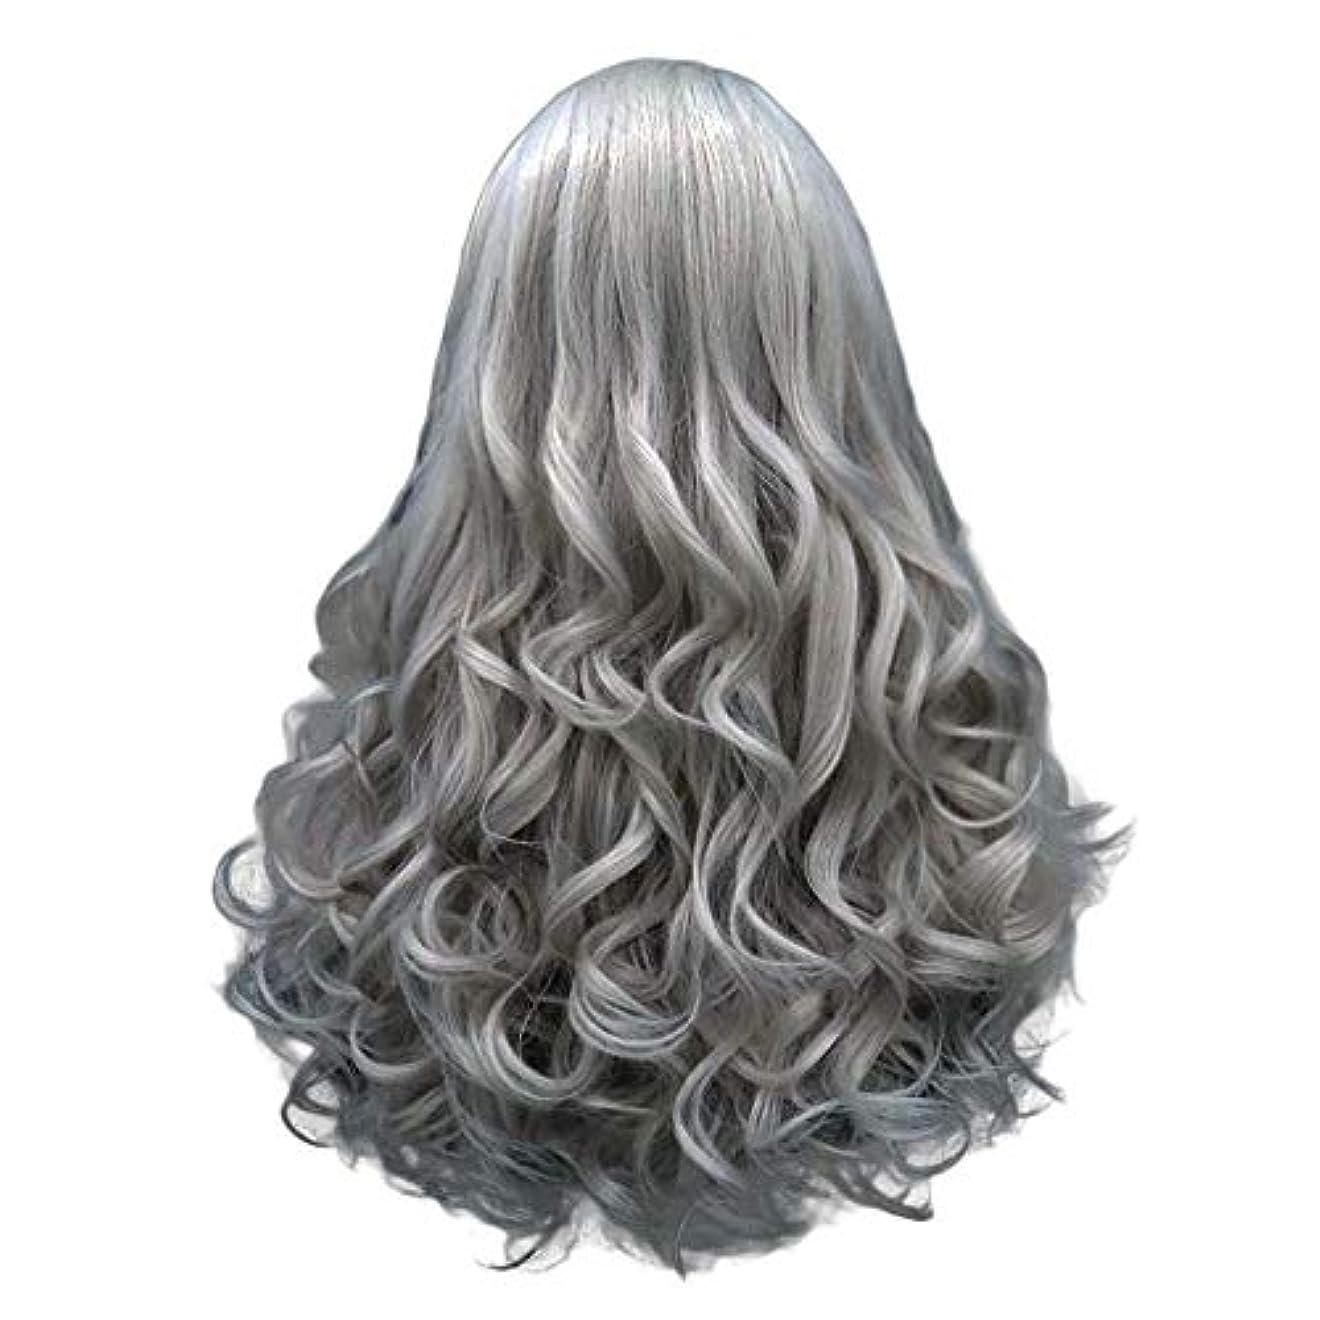 長い巻き毛の混合カラーセクシーなグラデーショングレーパーティーウィッグ